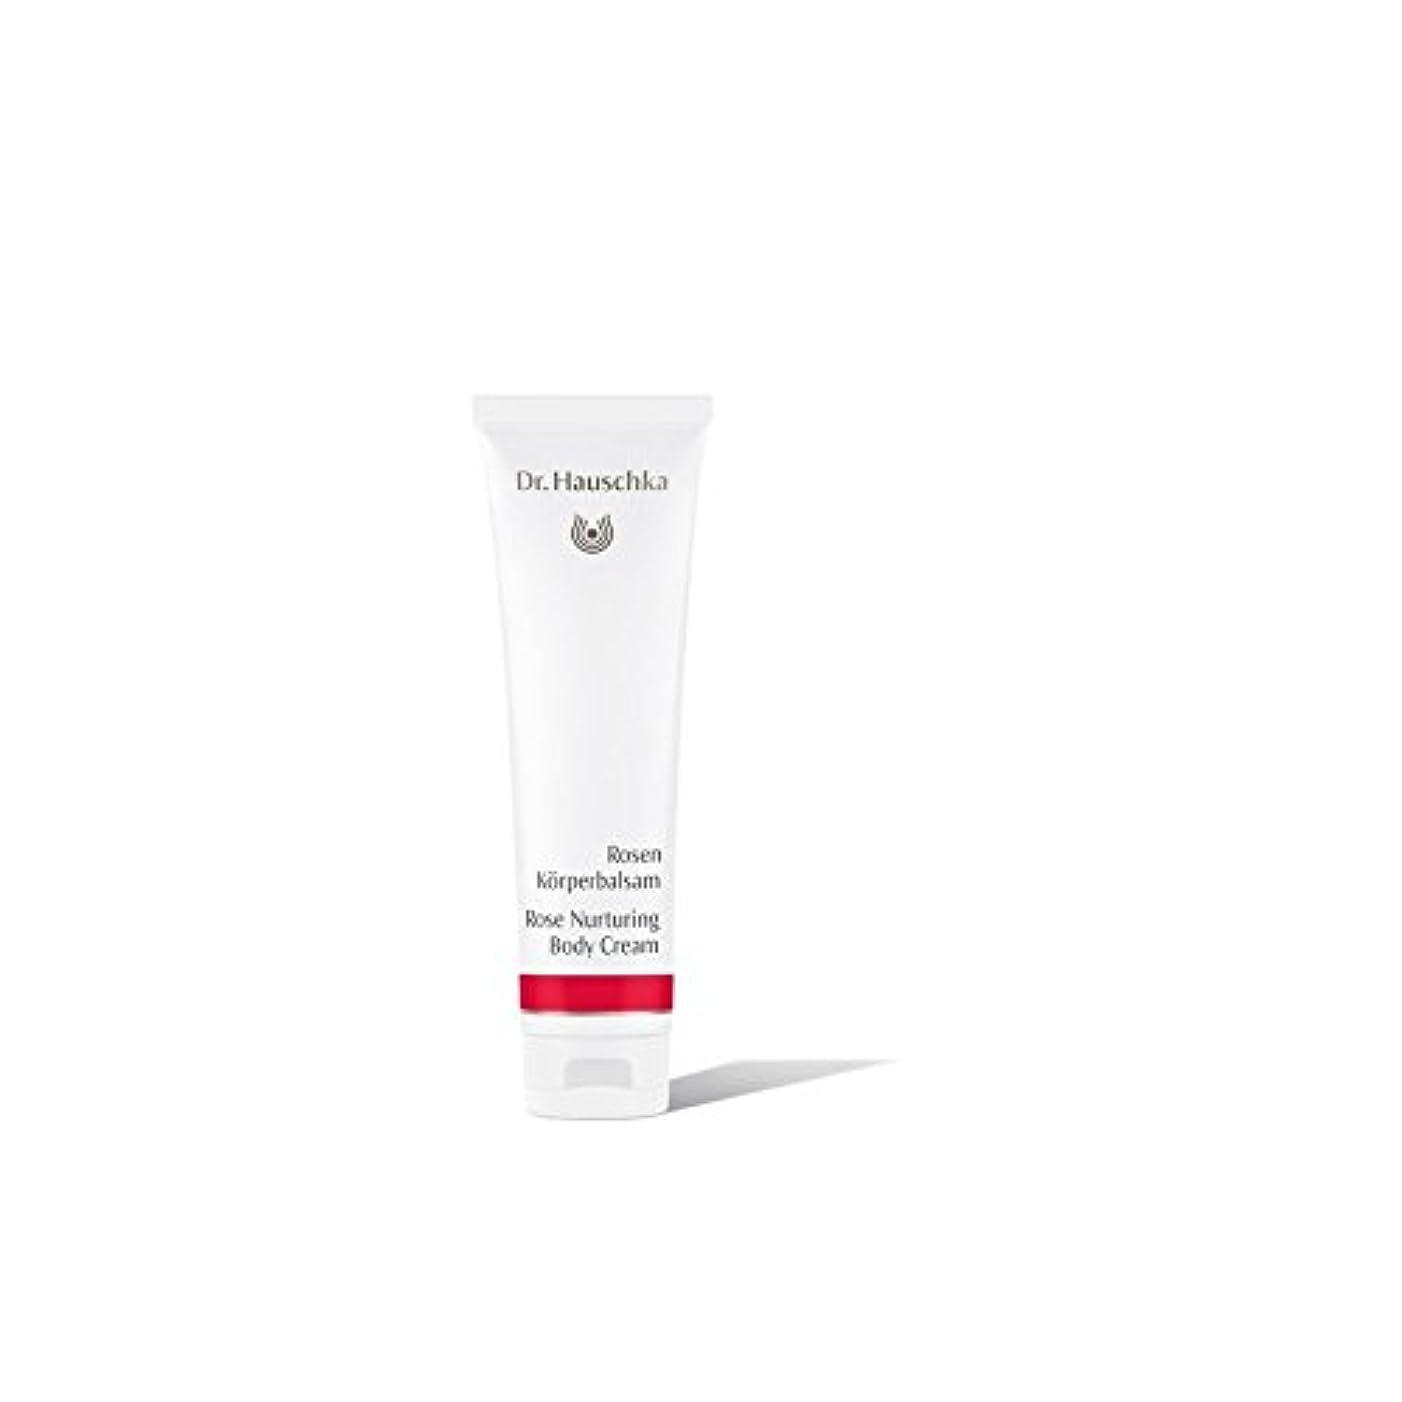 不利謎落ち着くDr. Hauschka Rose Nurturing Body Cream (145ml) - ハウシュカは、ボディクリーム(145ミリリットル)を育成バラ [並行輸入品]